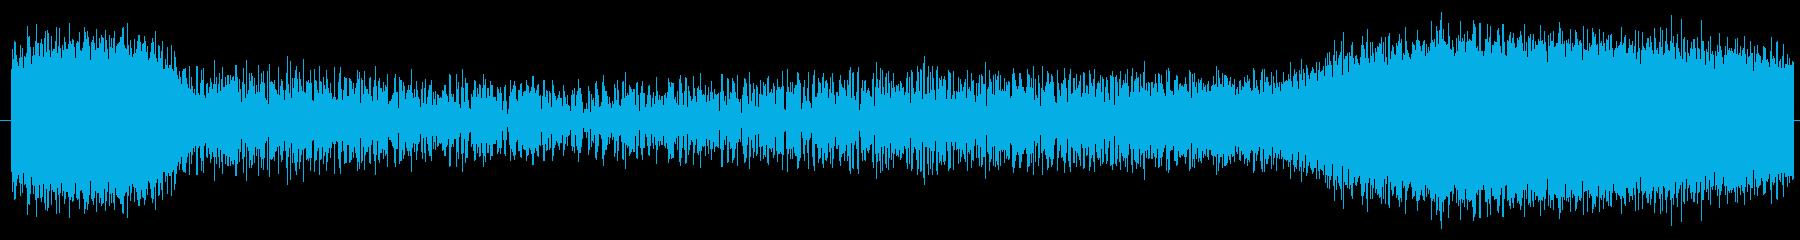 素材 ノイズスピンダウンドロップラ...の再生済みの波形